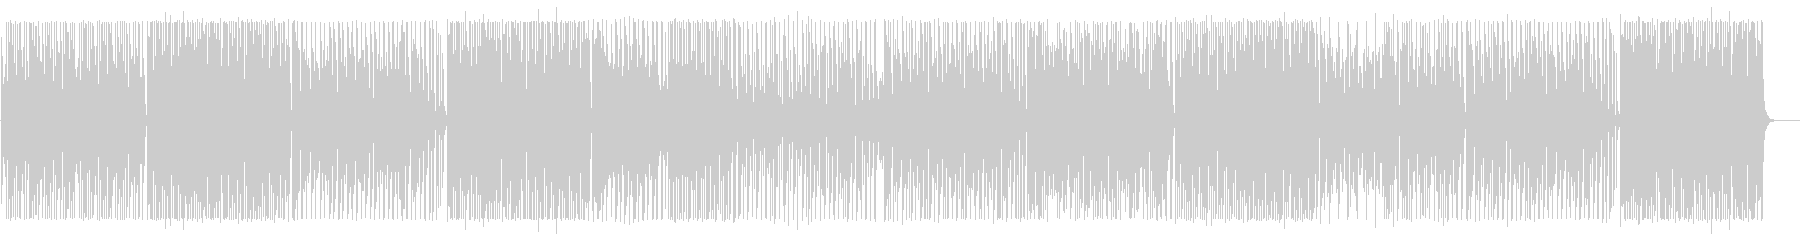 軽快でメローなシンセポップサウンドの未再生の波形